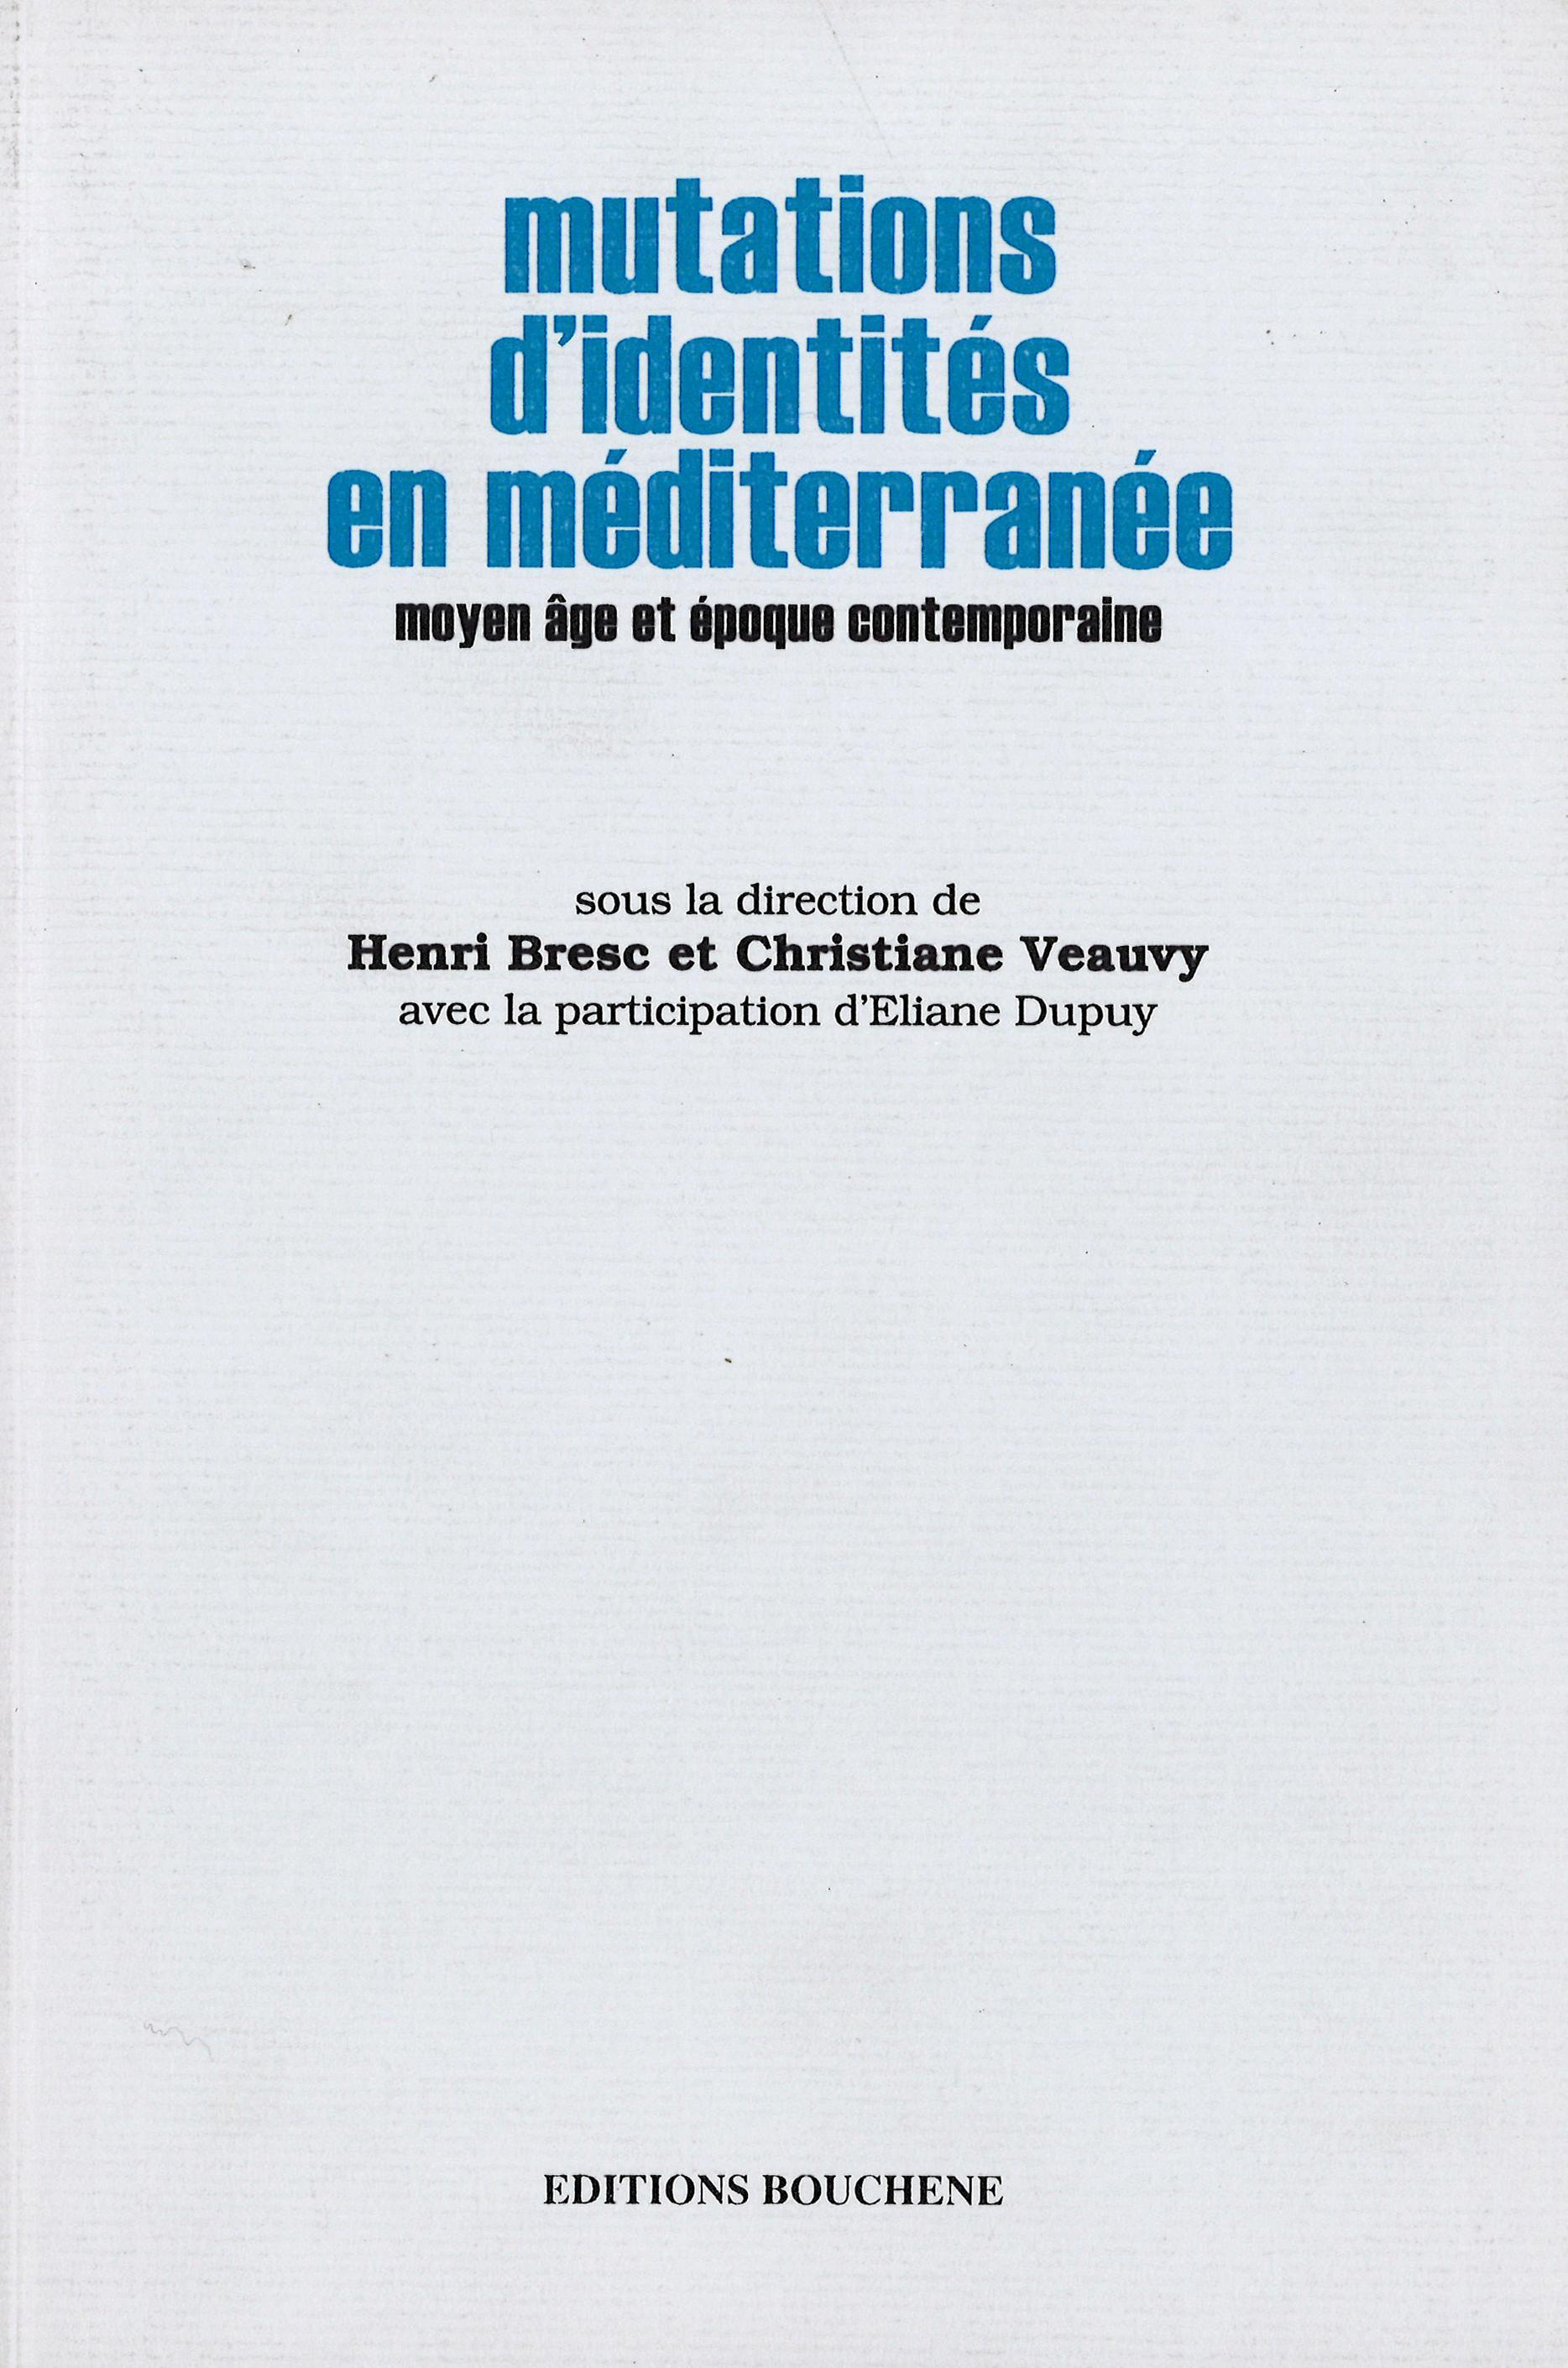 Mutation d'identité en Méditerranée